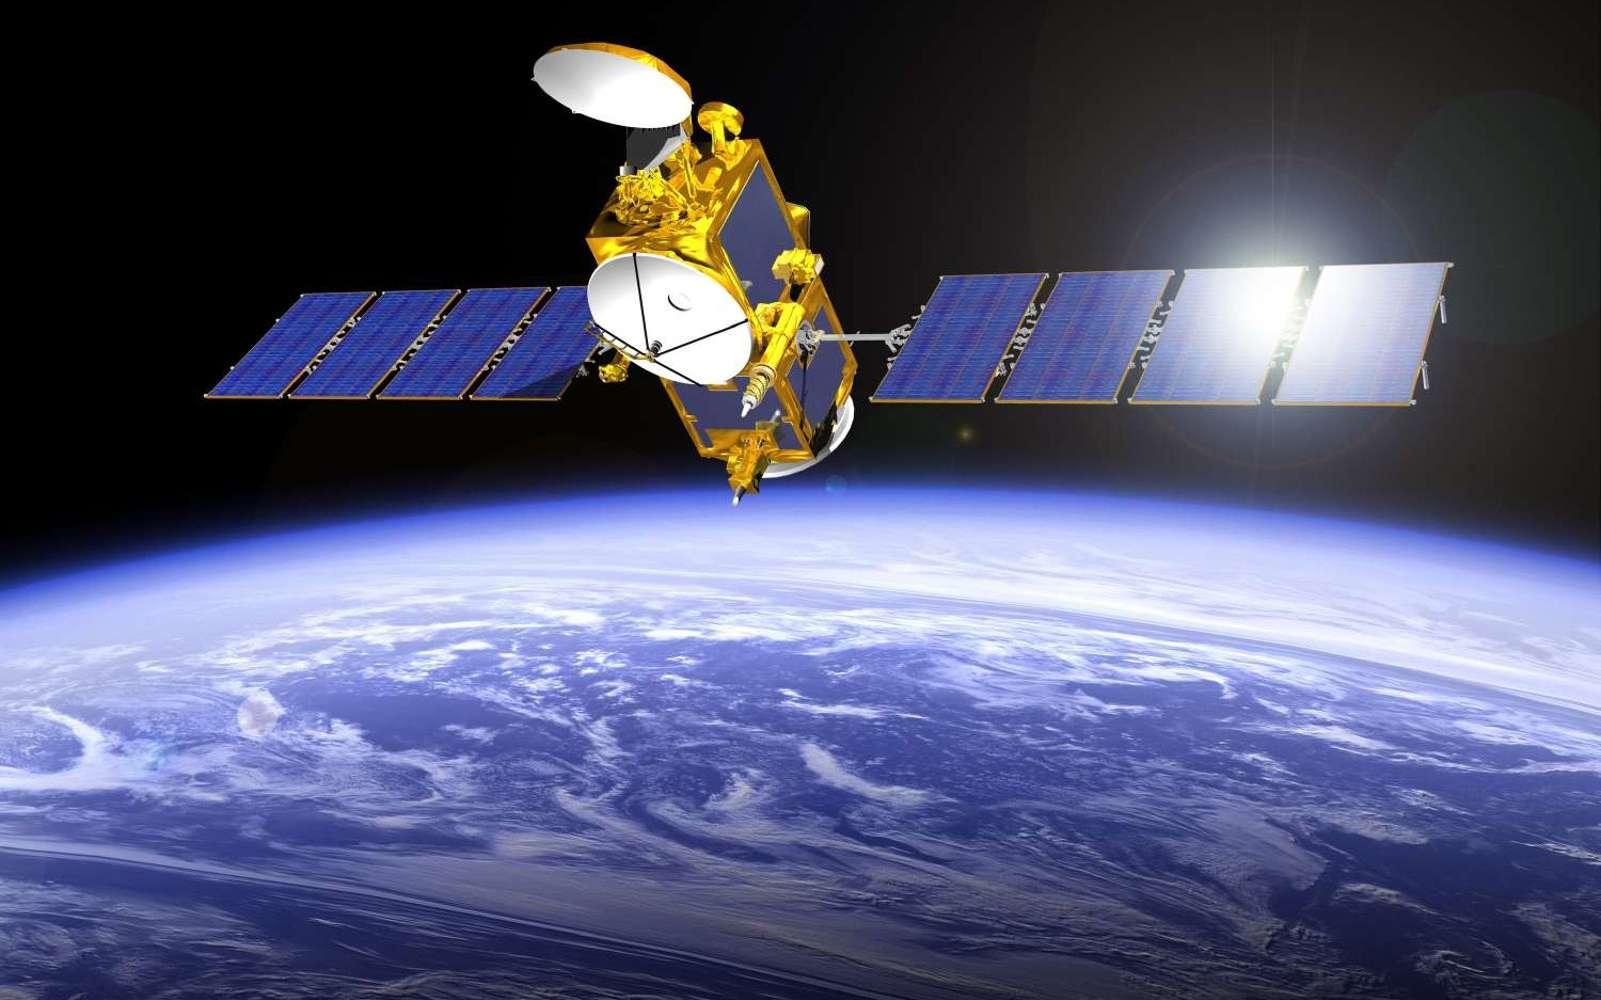 Vue d'artiste de Jason 3. Ce satellite d'altimétrie, à poste depuis janvier, mesure le niveau de l'océan avec une précision de 3,4 cm. © Cnes, Mira Productions